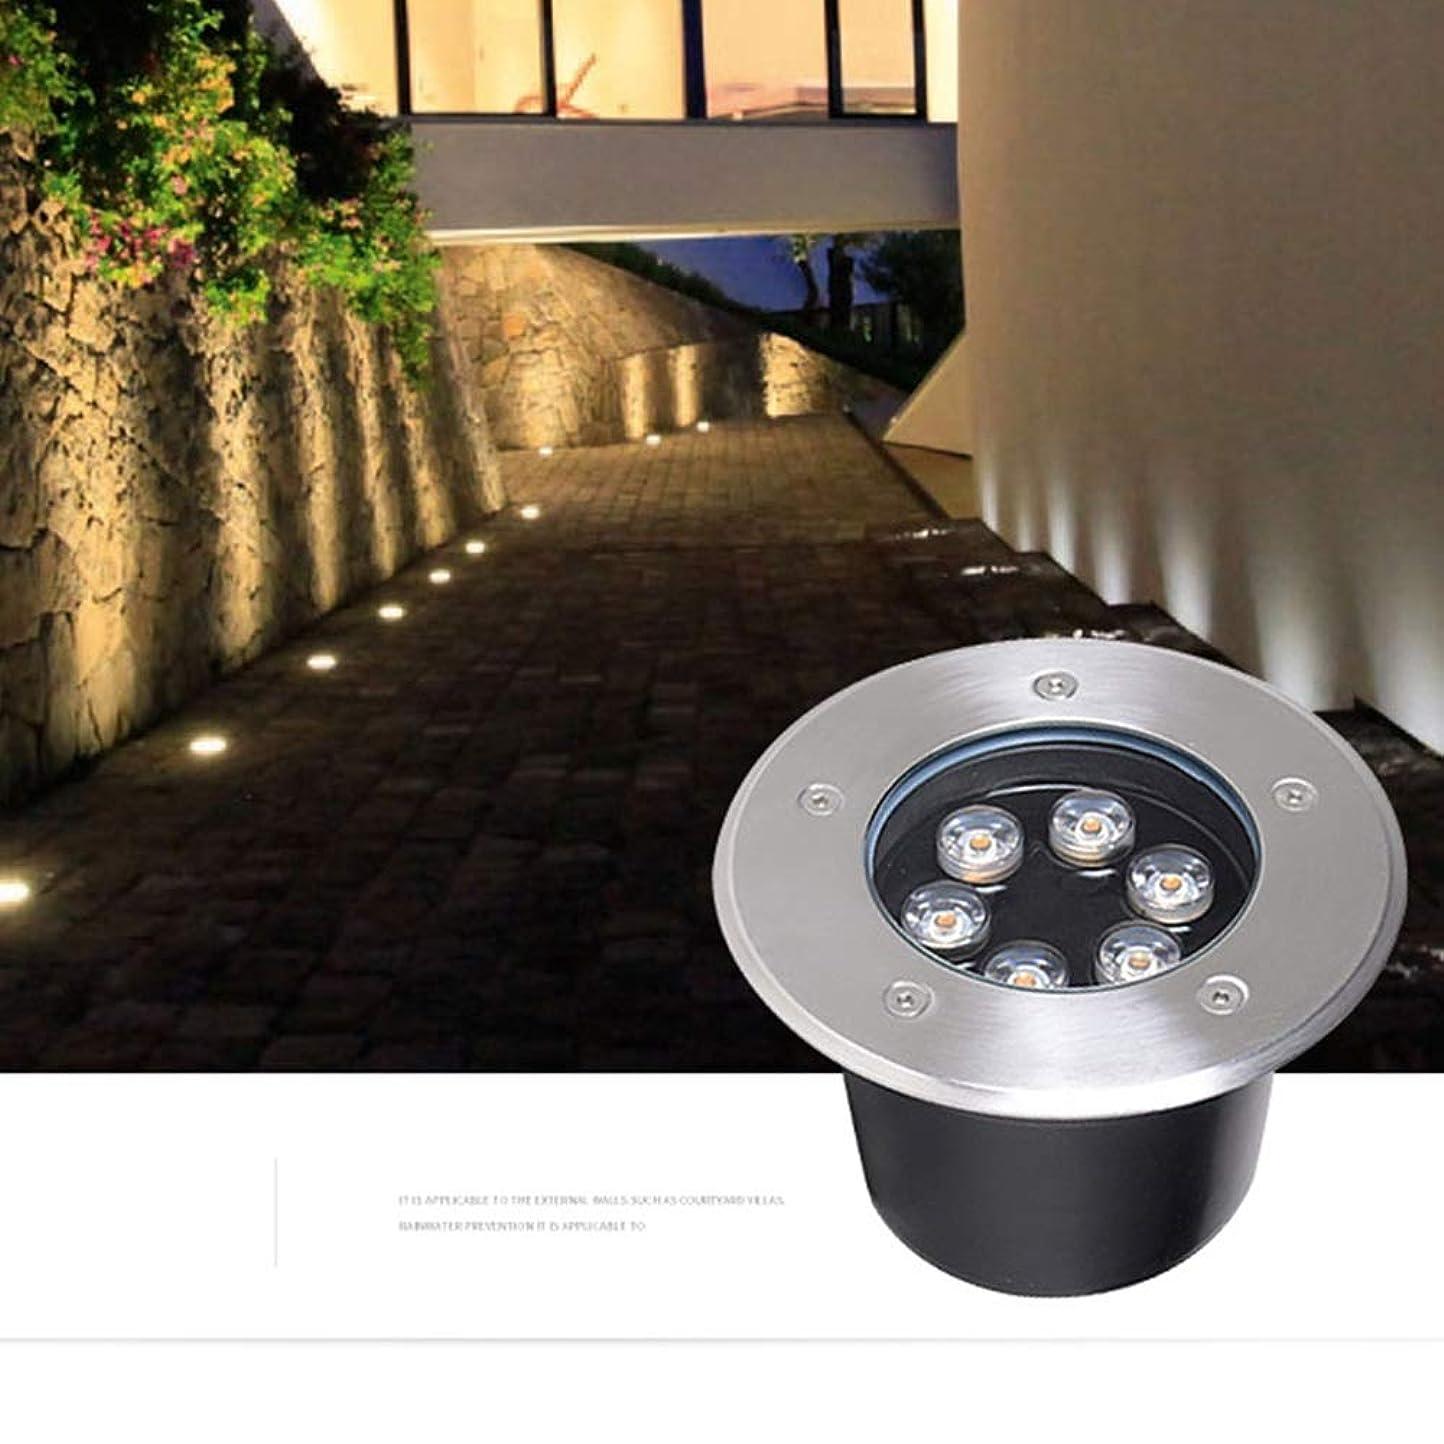 ホット作り上げるパークAMDHZ LED地下光シンプルモダン304ステンレススチール+アルミ合金ガーデン、屋外プール、7色、パワーの11種類、4パック (Color : A, Size : 18W)